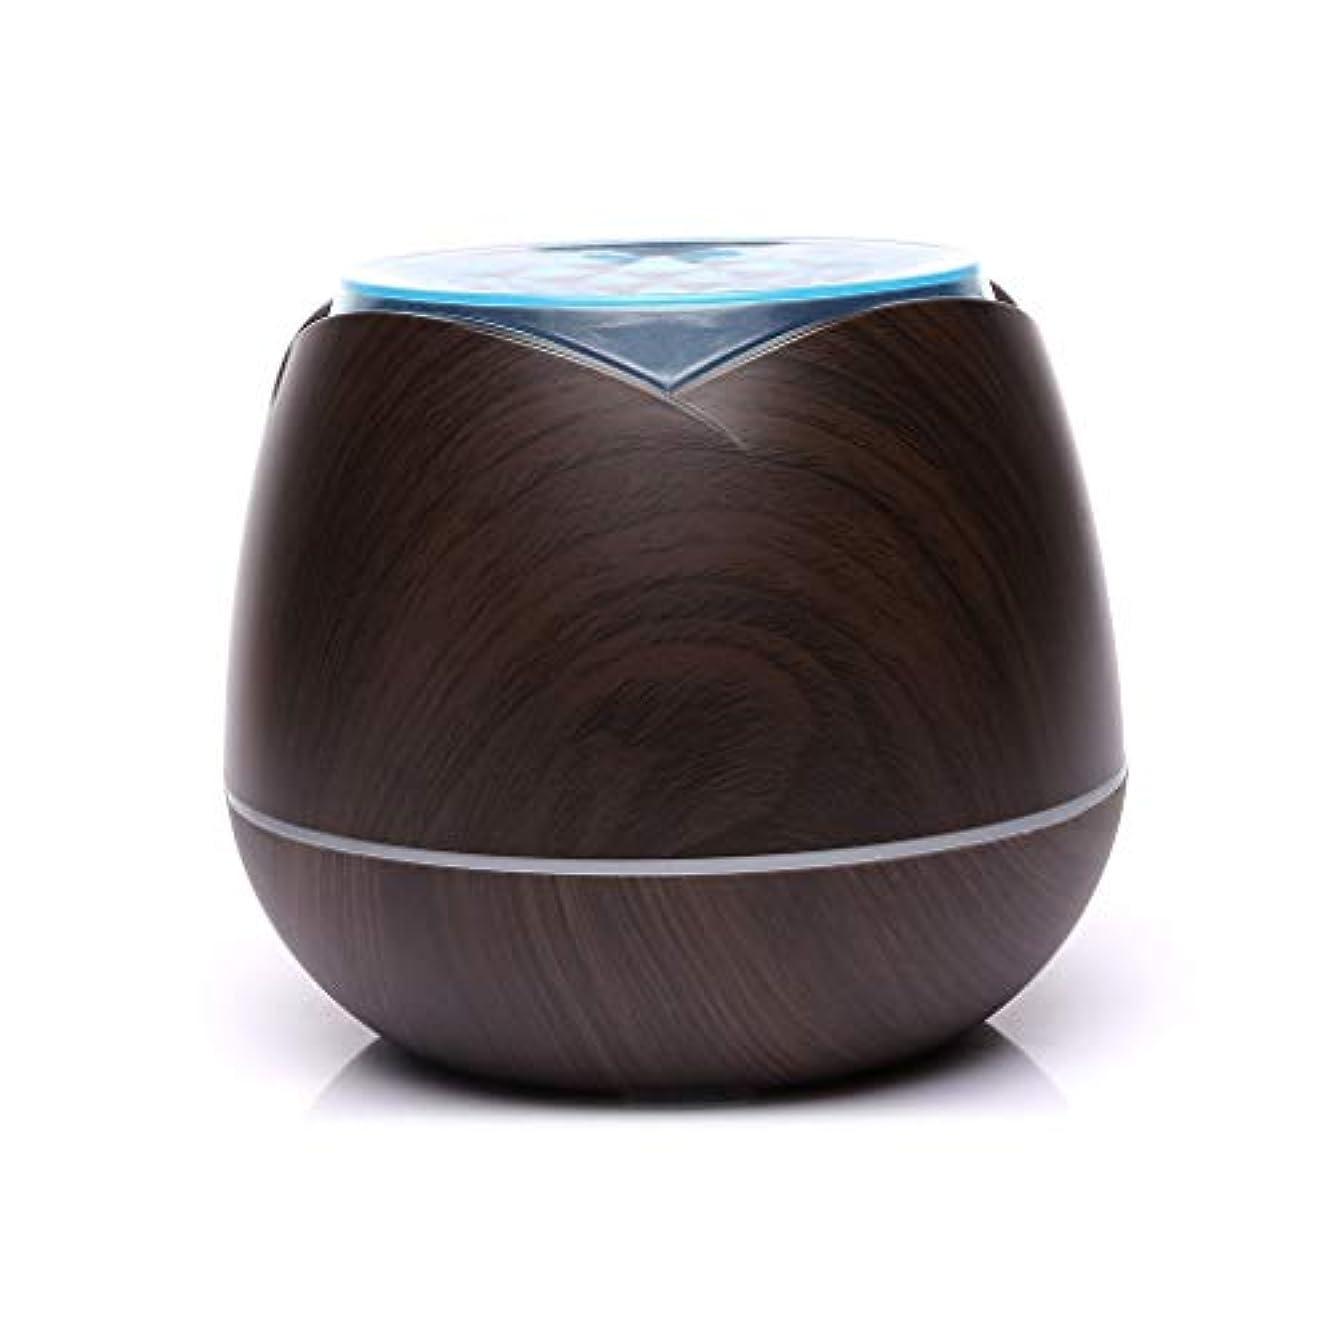 ローストピークより平らな涼しい霧の空気加湿器、家、ヨガ、オフィス、鉱泉、寝室のために変わる色LEDライトと超音波400ml - 木目 - (Color : Dark wood grain)